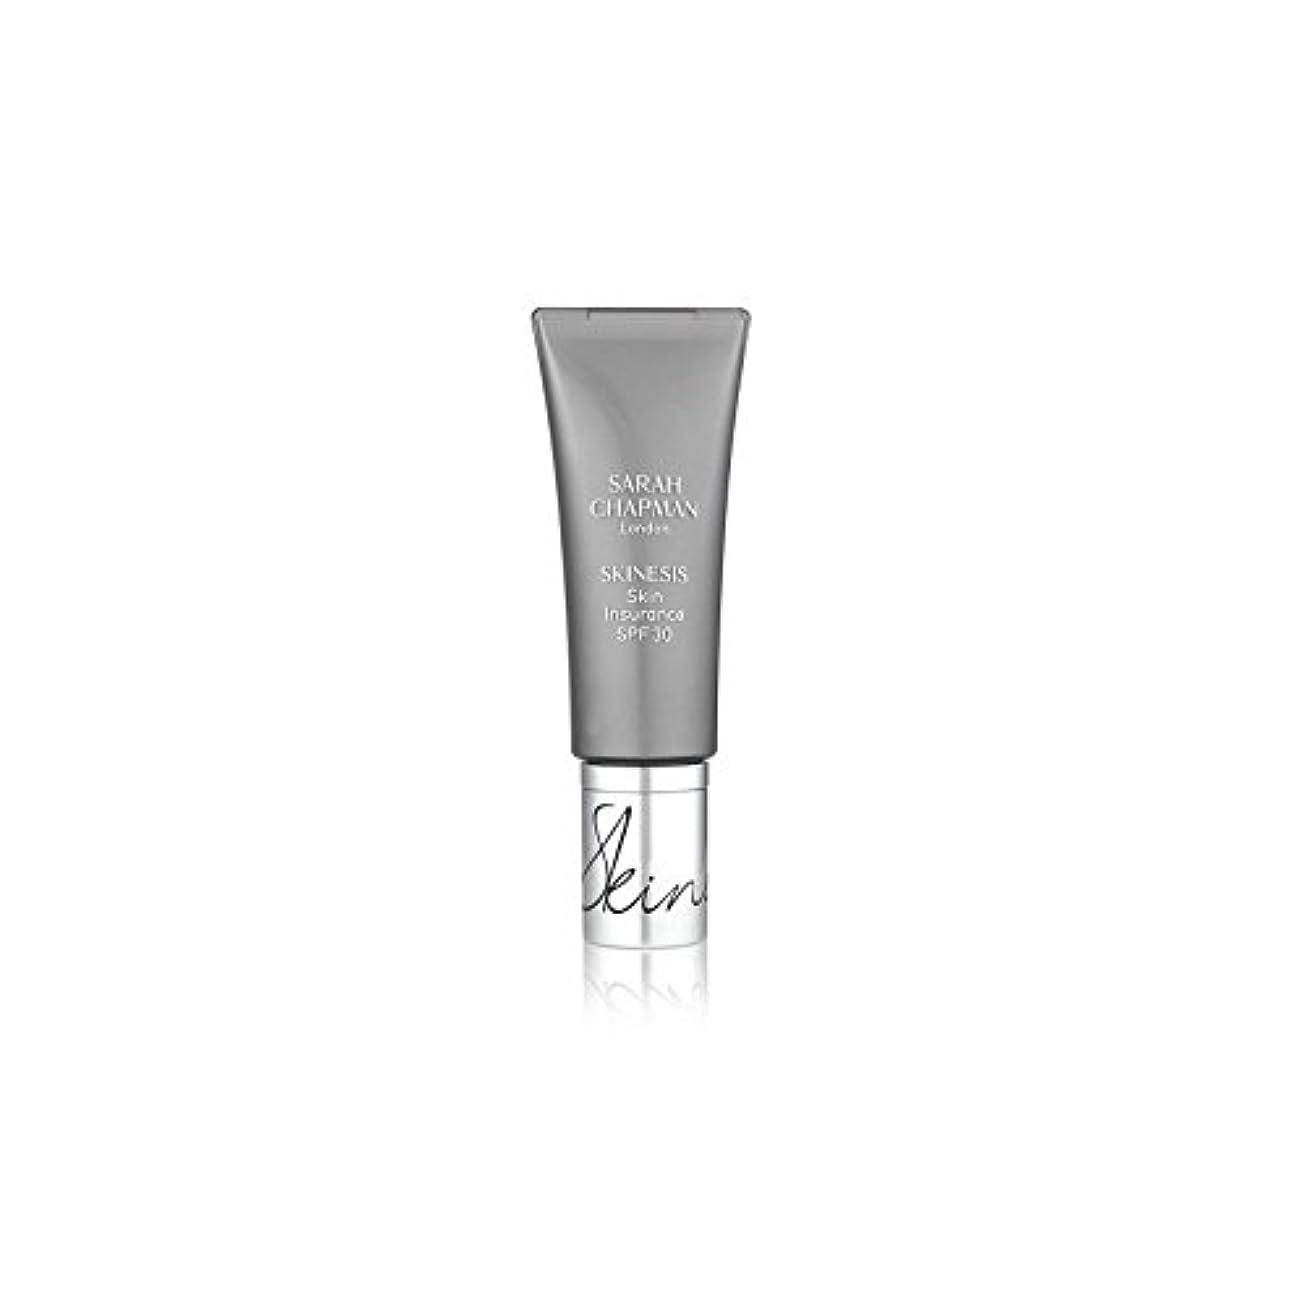 名誉ある申し立て移行するSarah Chapman Skinesis Skin Insurance Spf 30 (30ml) (Pack of 6) - サラ?チャップマン皮膚保険 30(30ミリリットル) x6 [並行輸入品]